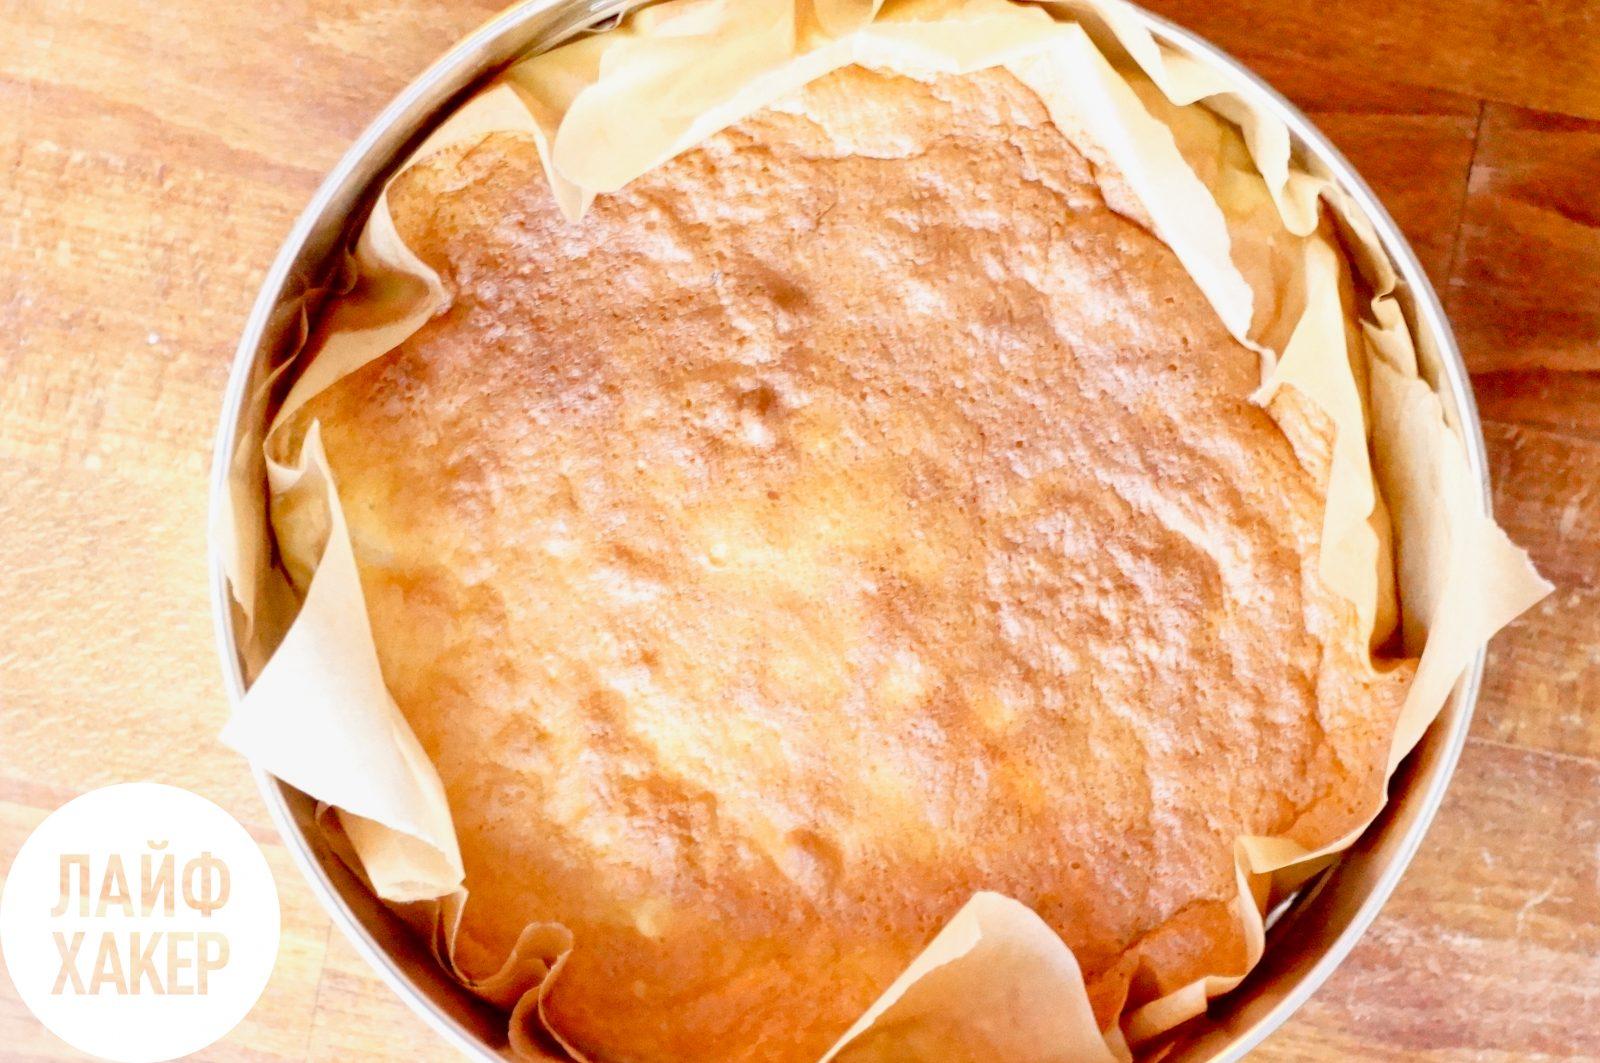 Пироги в чудо печке рецепты с